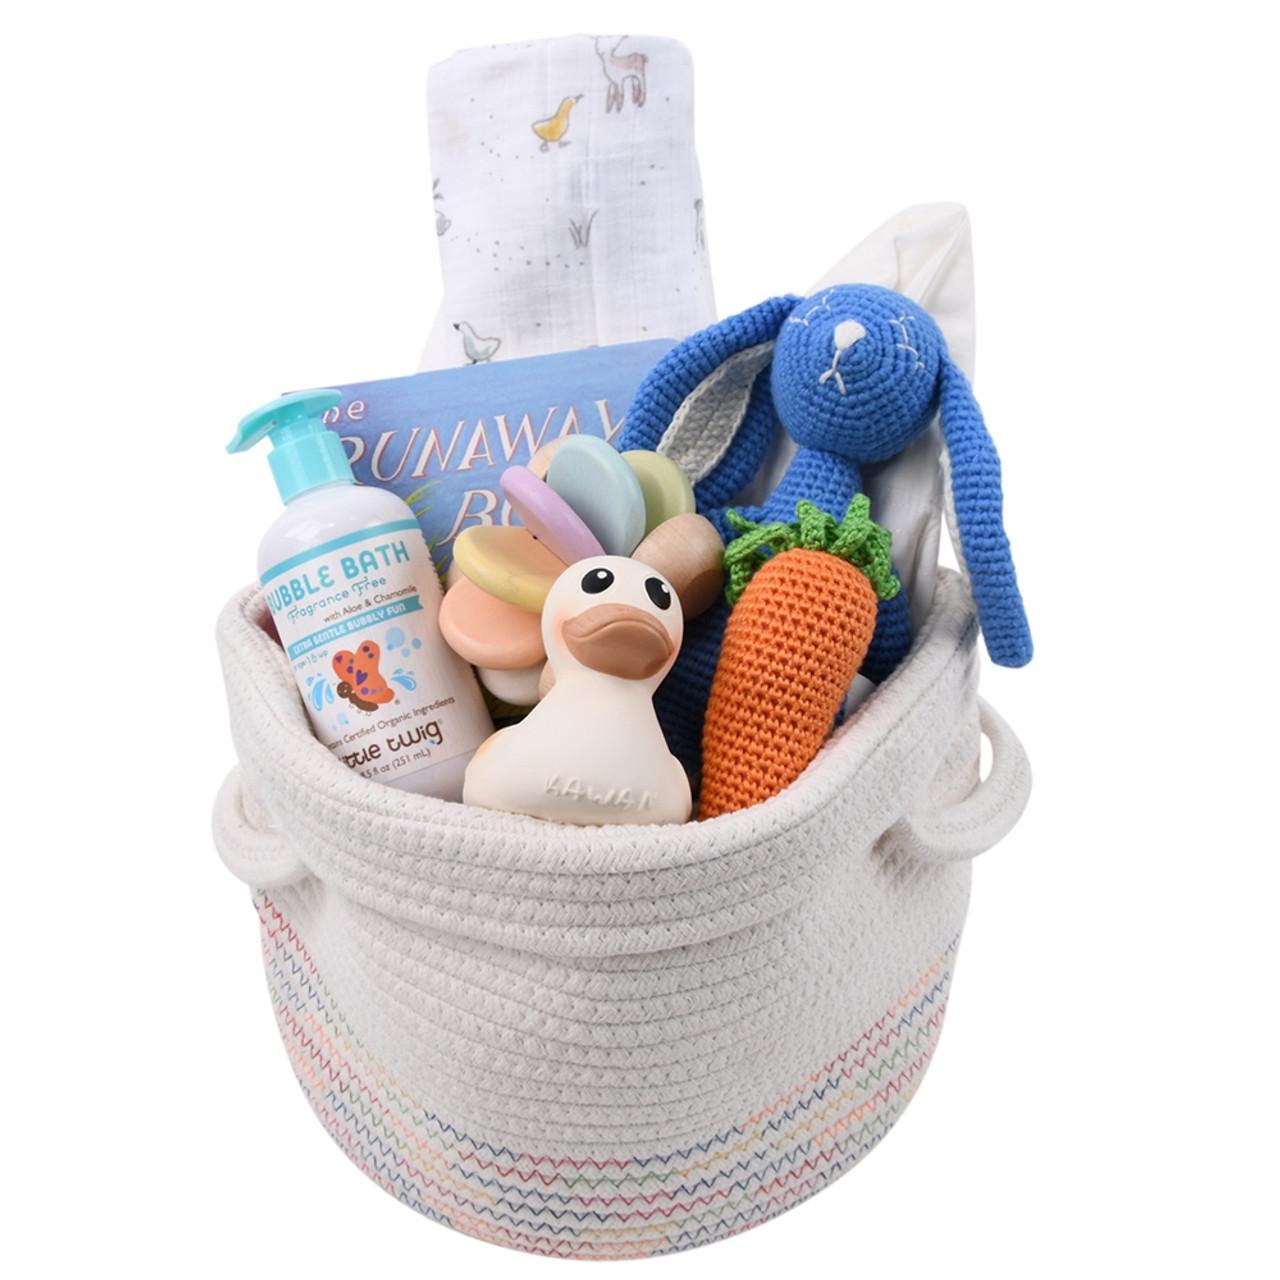 Baby Gift Basket for Baby Boy - Hoppy - Blue